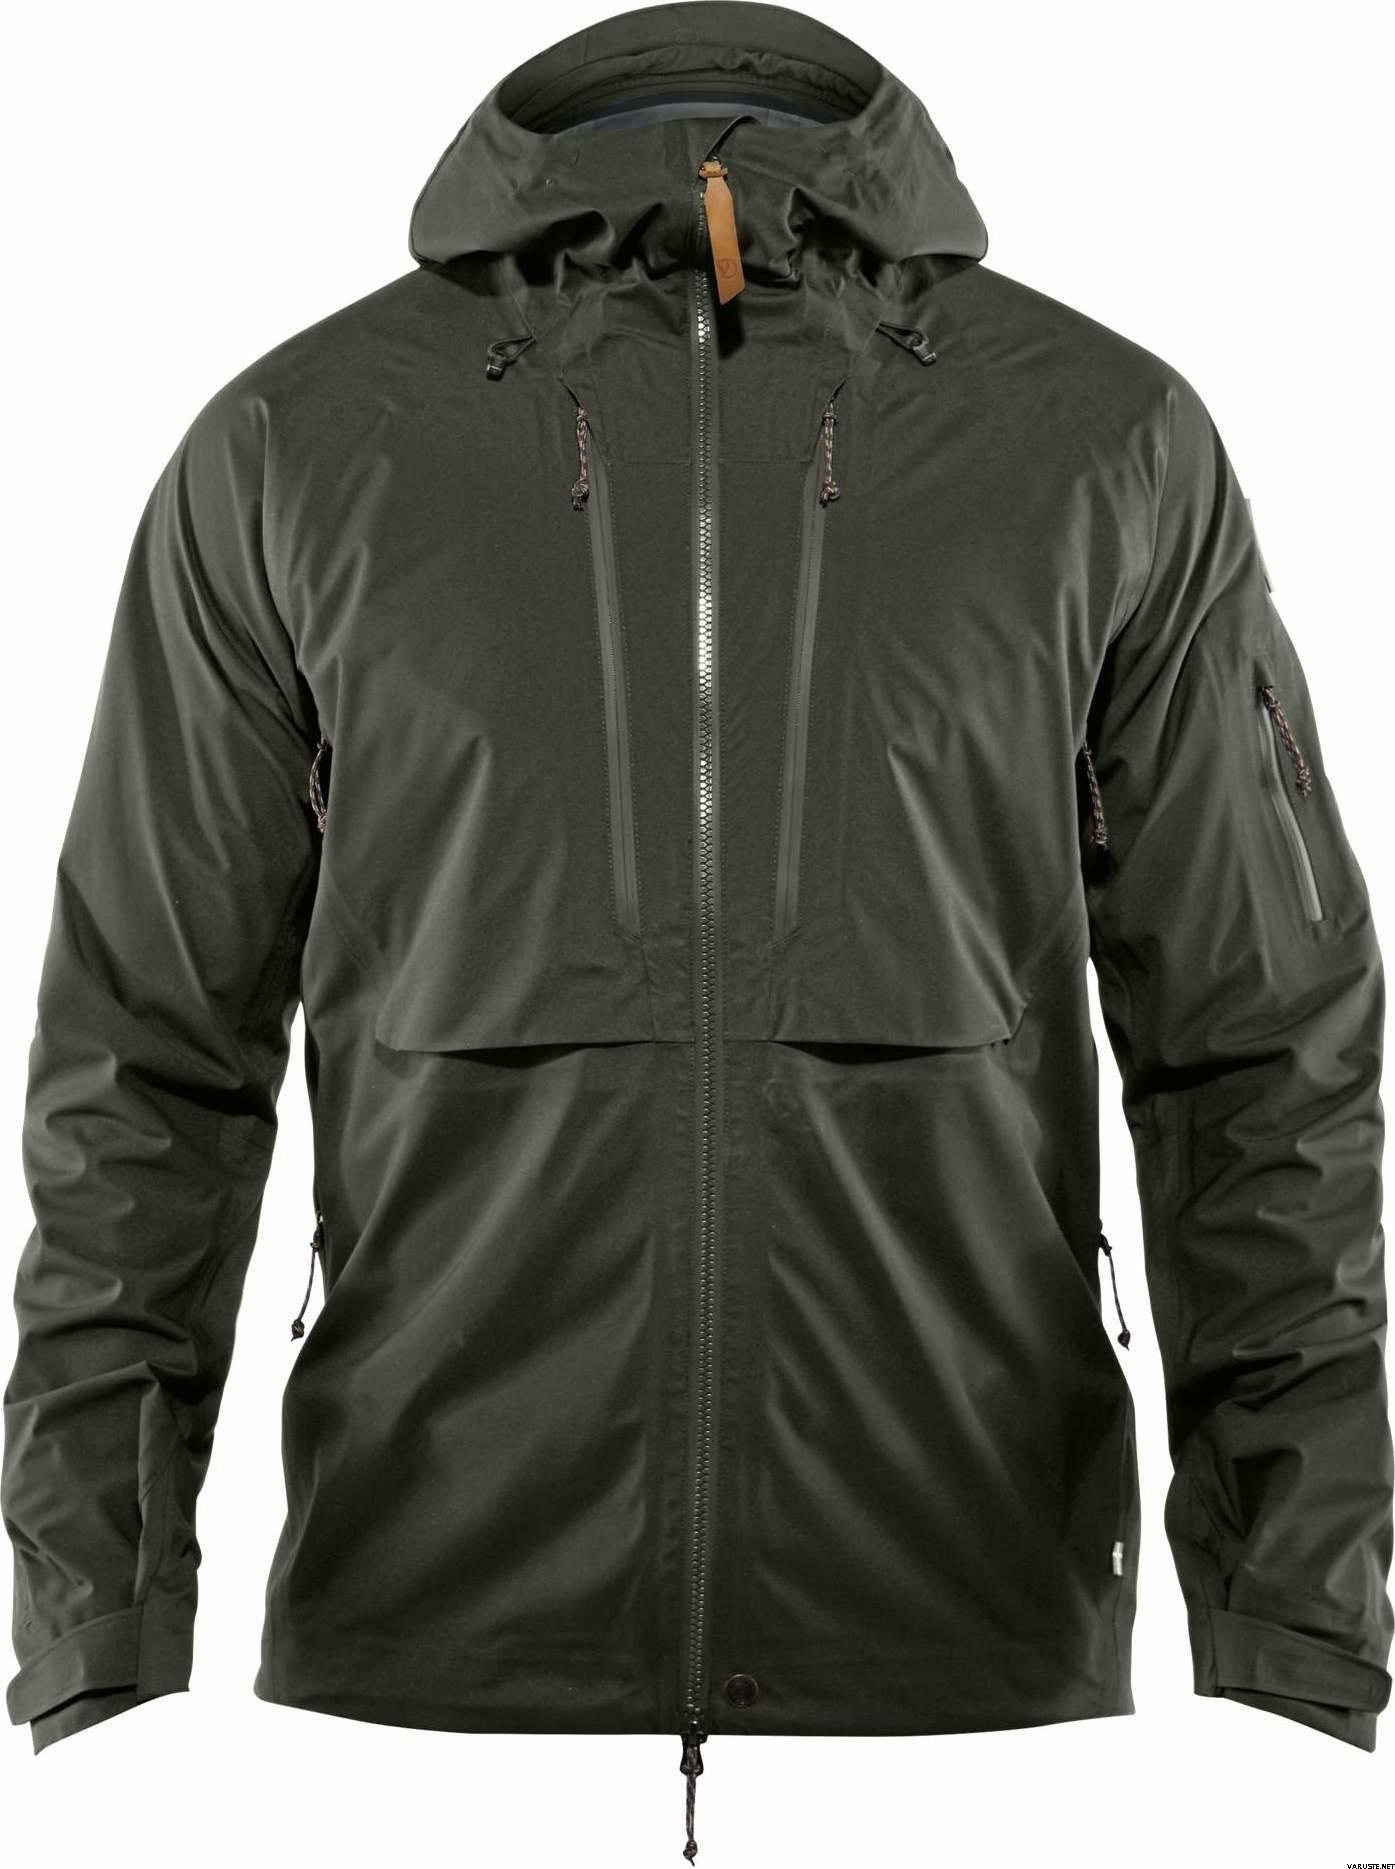 tunnetut tuotemerkit myyntipisteiden myynti klassikko Fjällräven Keb Eco-Shell Jacket